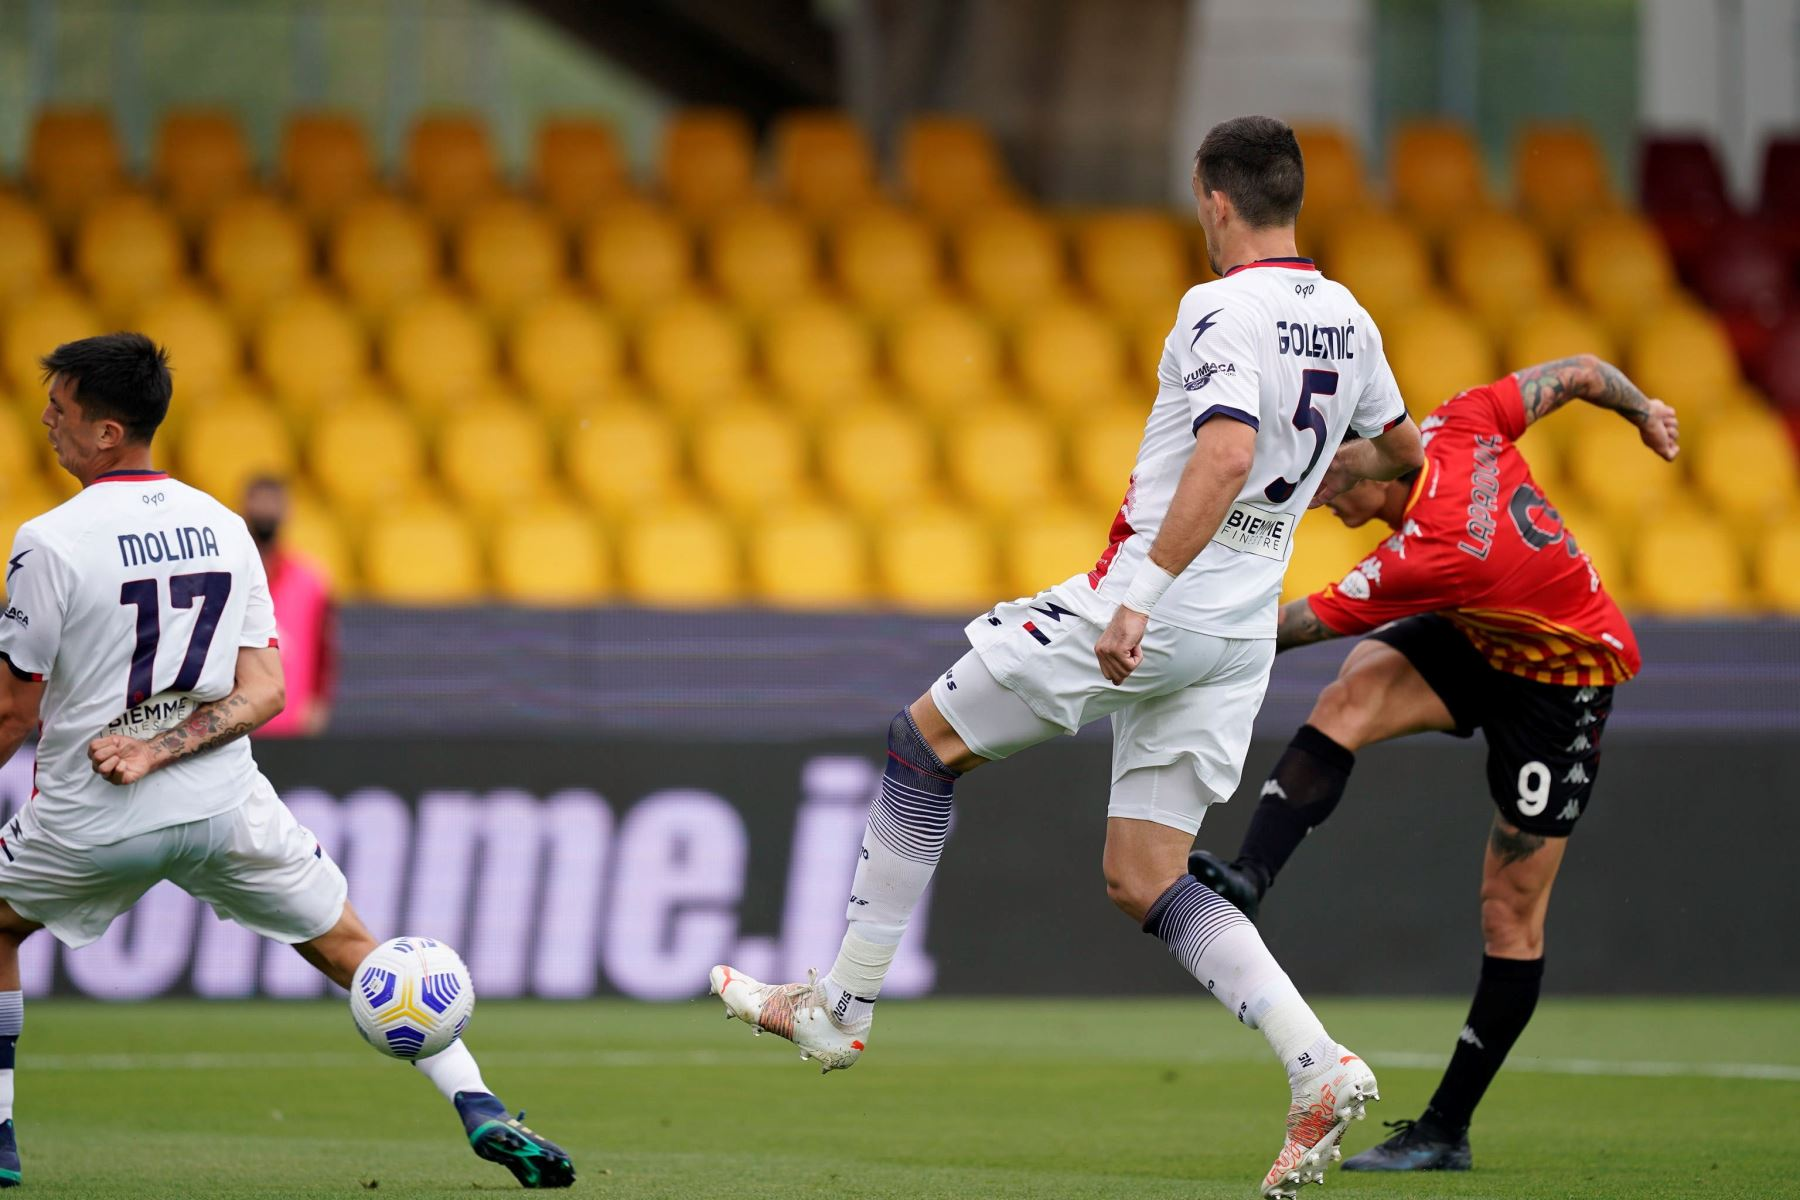 Avance del Benevento Calcio Gianluca Lapadula  puntuaciones durante el partido de fútbol de la Serie A italiana Benevento Calcio vs FC Crotone. Foto: EFE